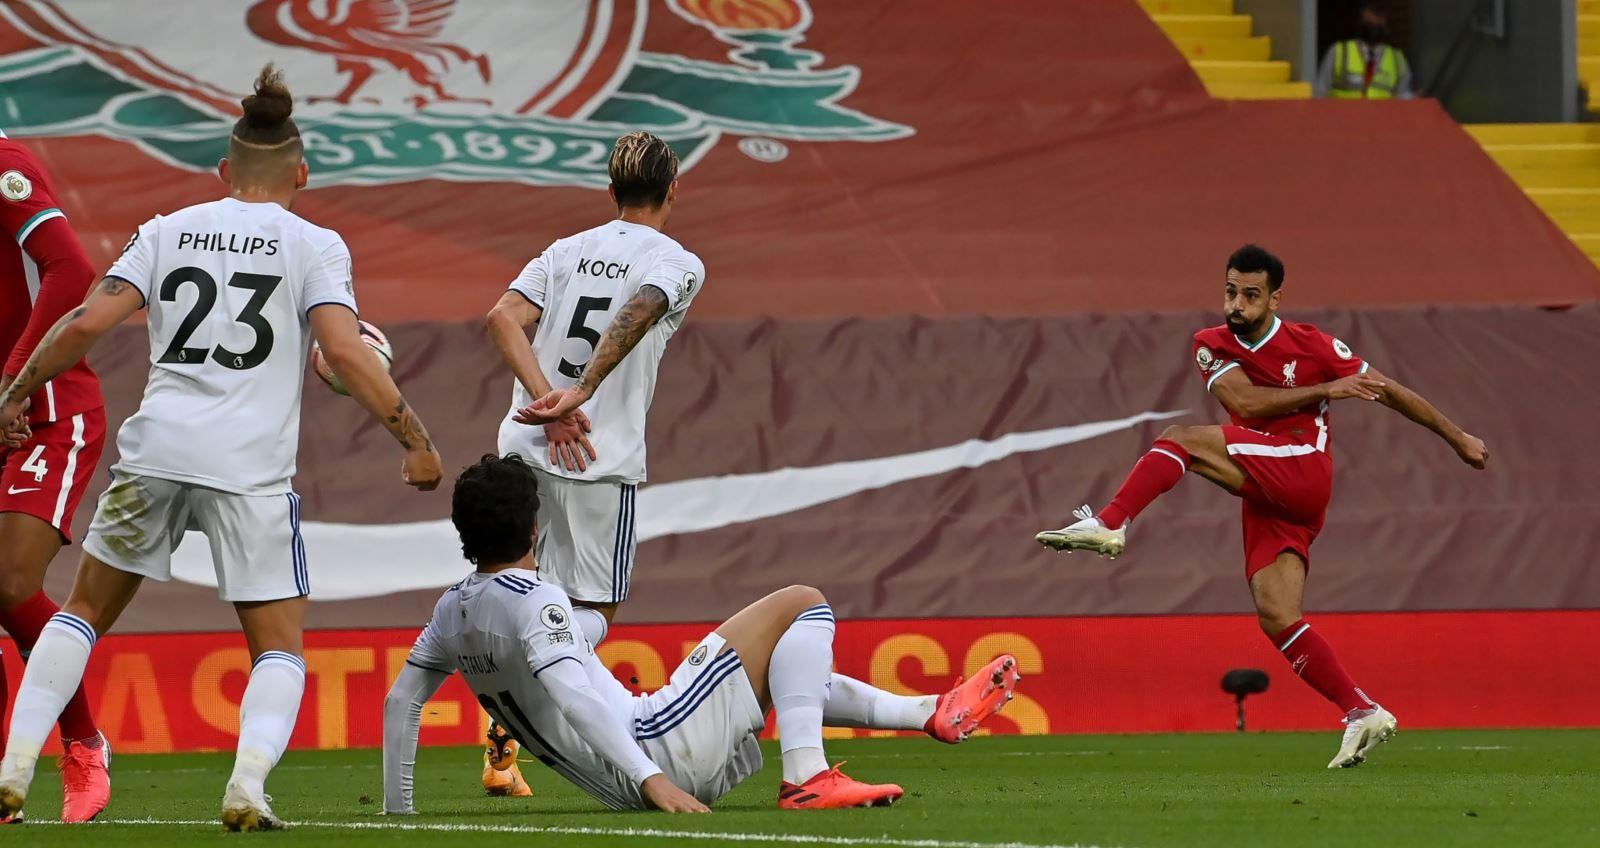 Liverpool vs Leeds United, Liverpool, Leeds United, trực tiếp bóng đá, bóng đá, bong da, liverpool, leeds united, xem bóng đá trực tiếp